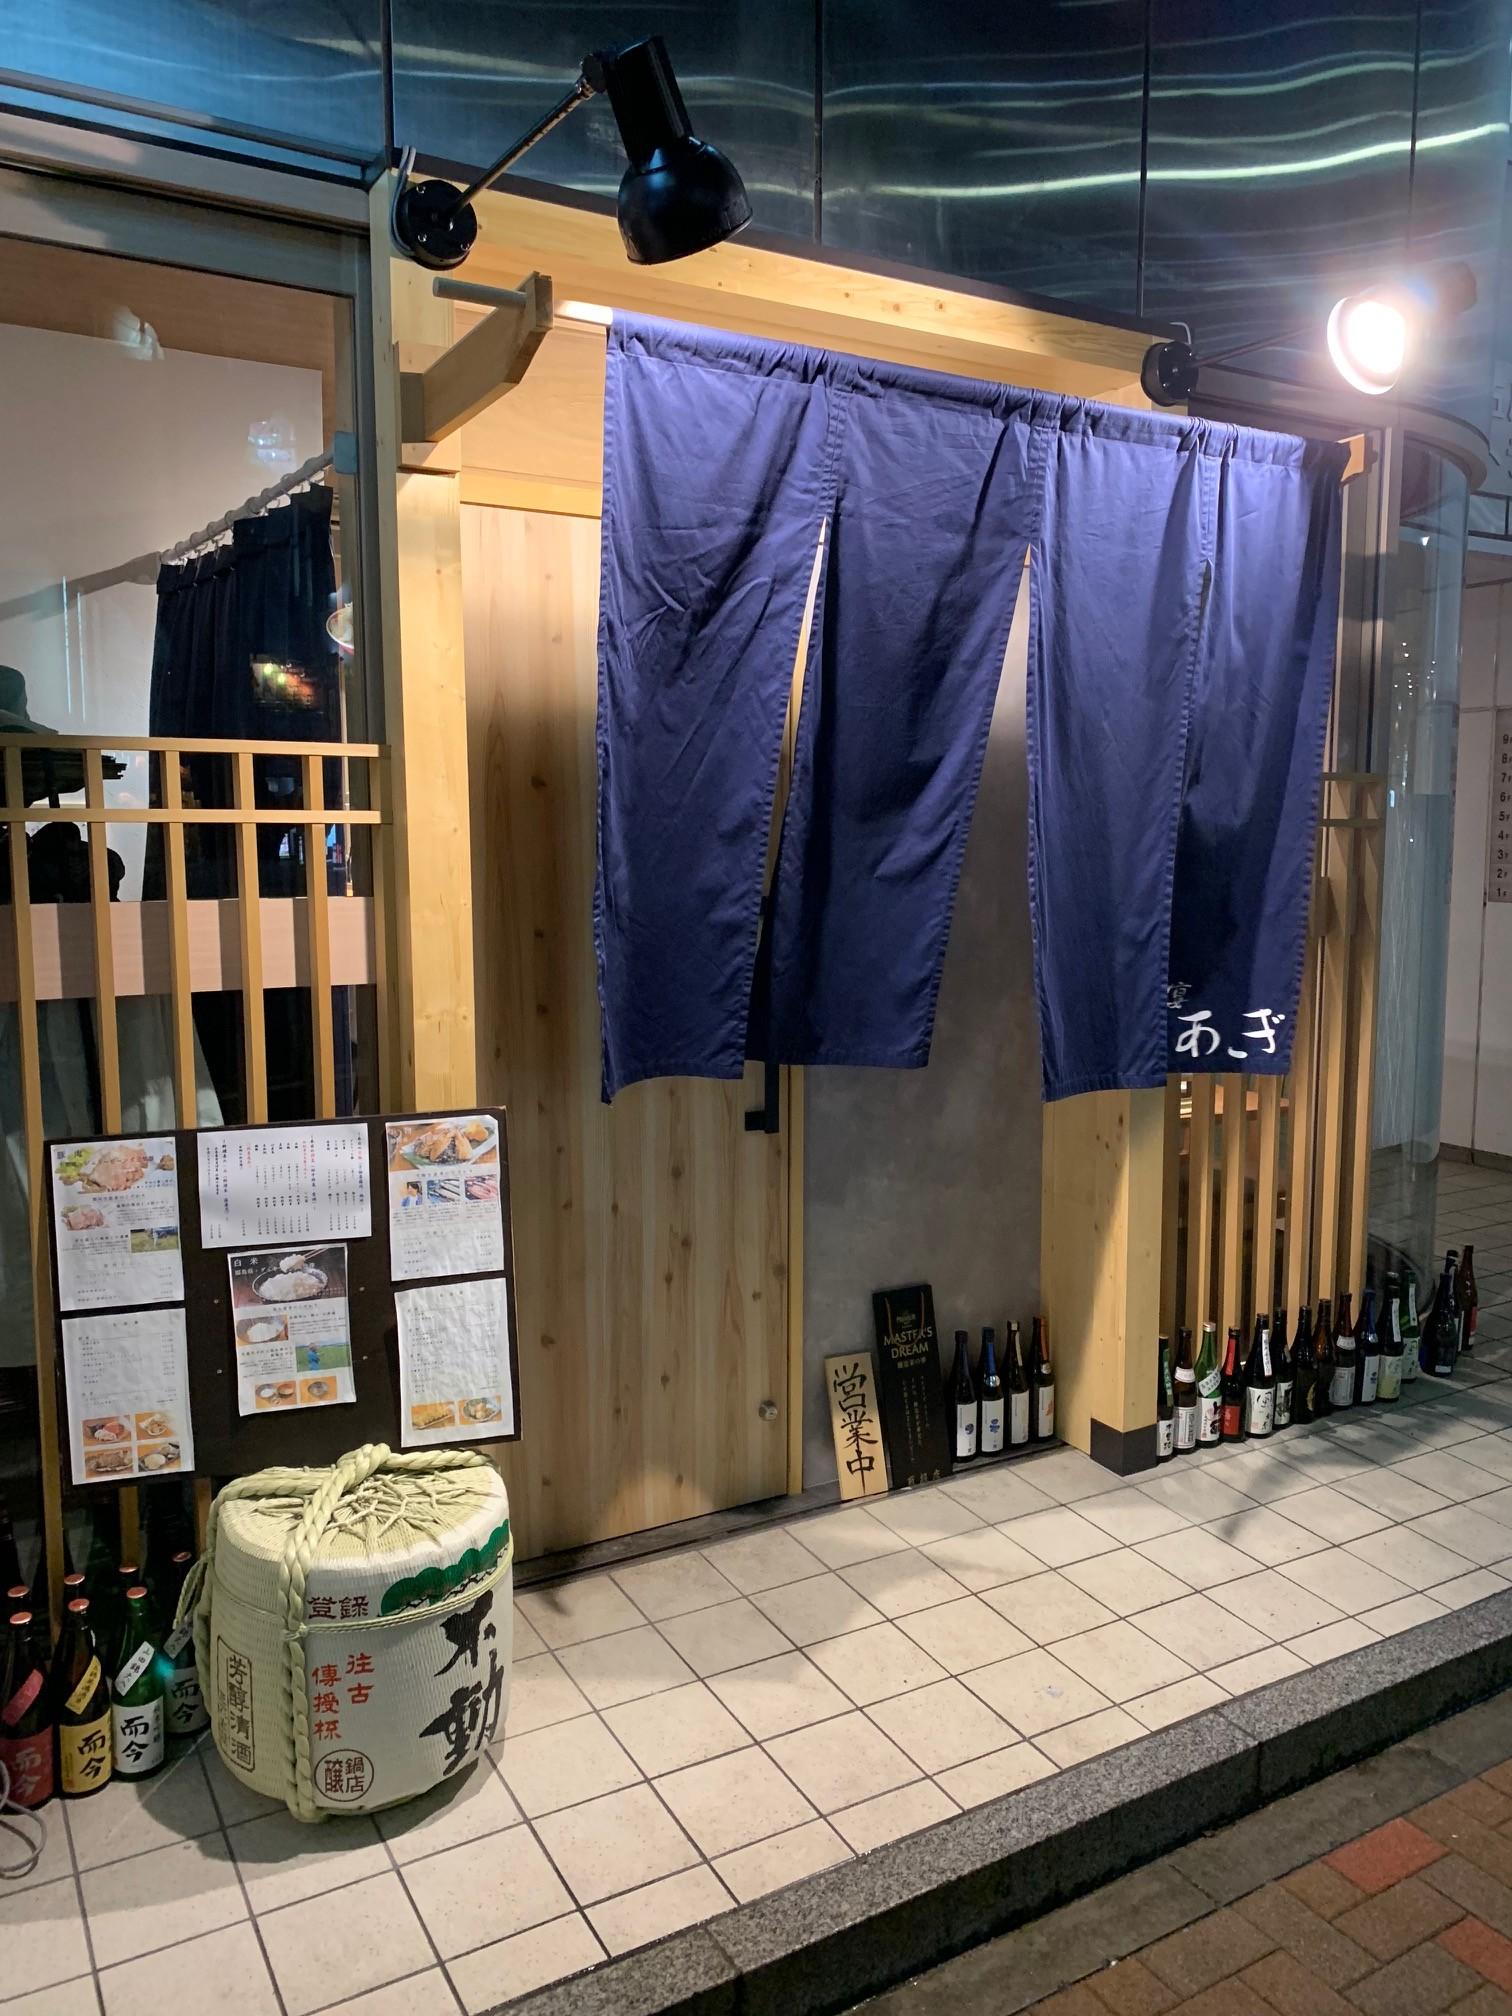 【五反田】あぎ/大崎広小路駅前、品のある日本酒バー。1月にオープンしたばかりなので今のうちに常連化を。